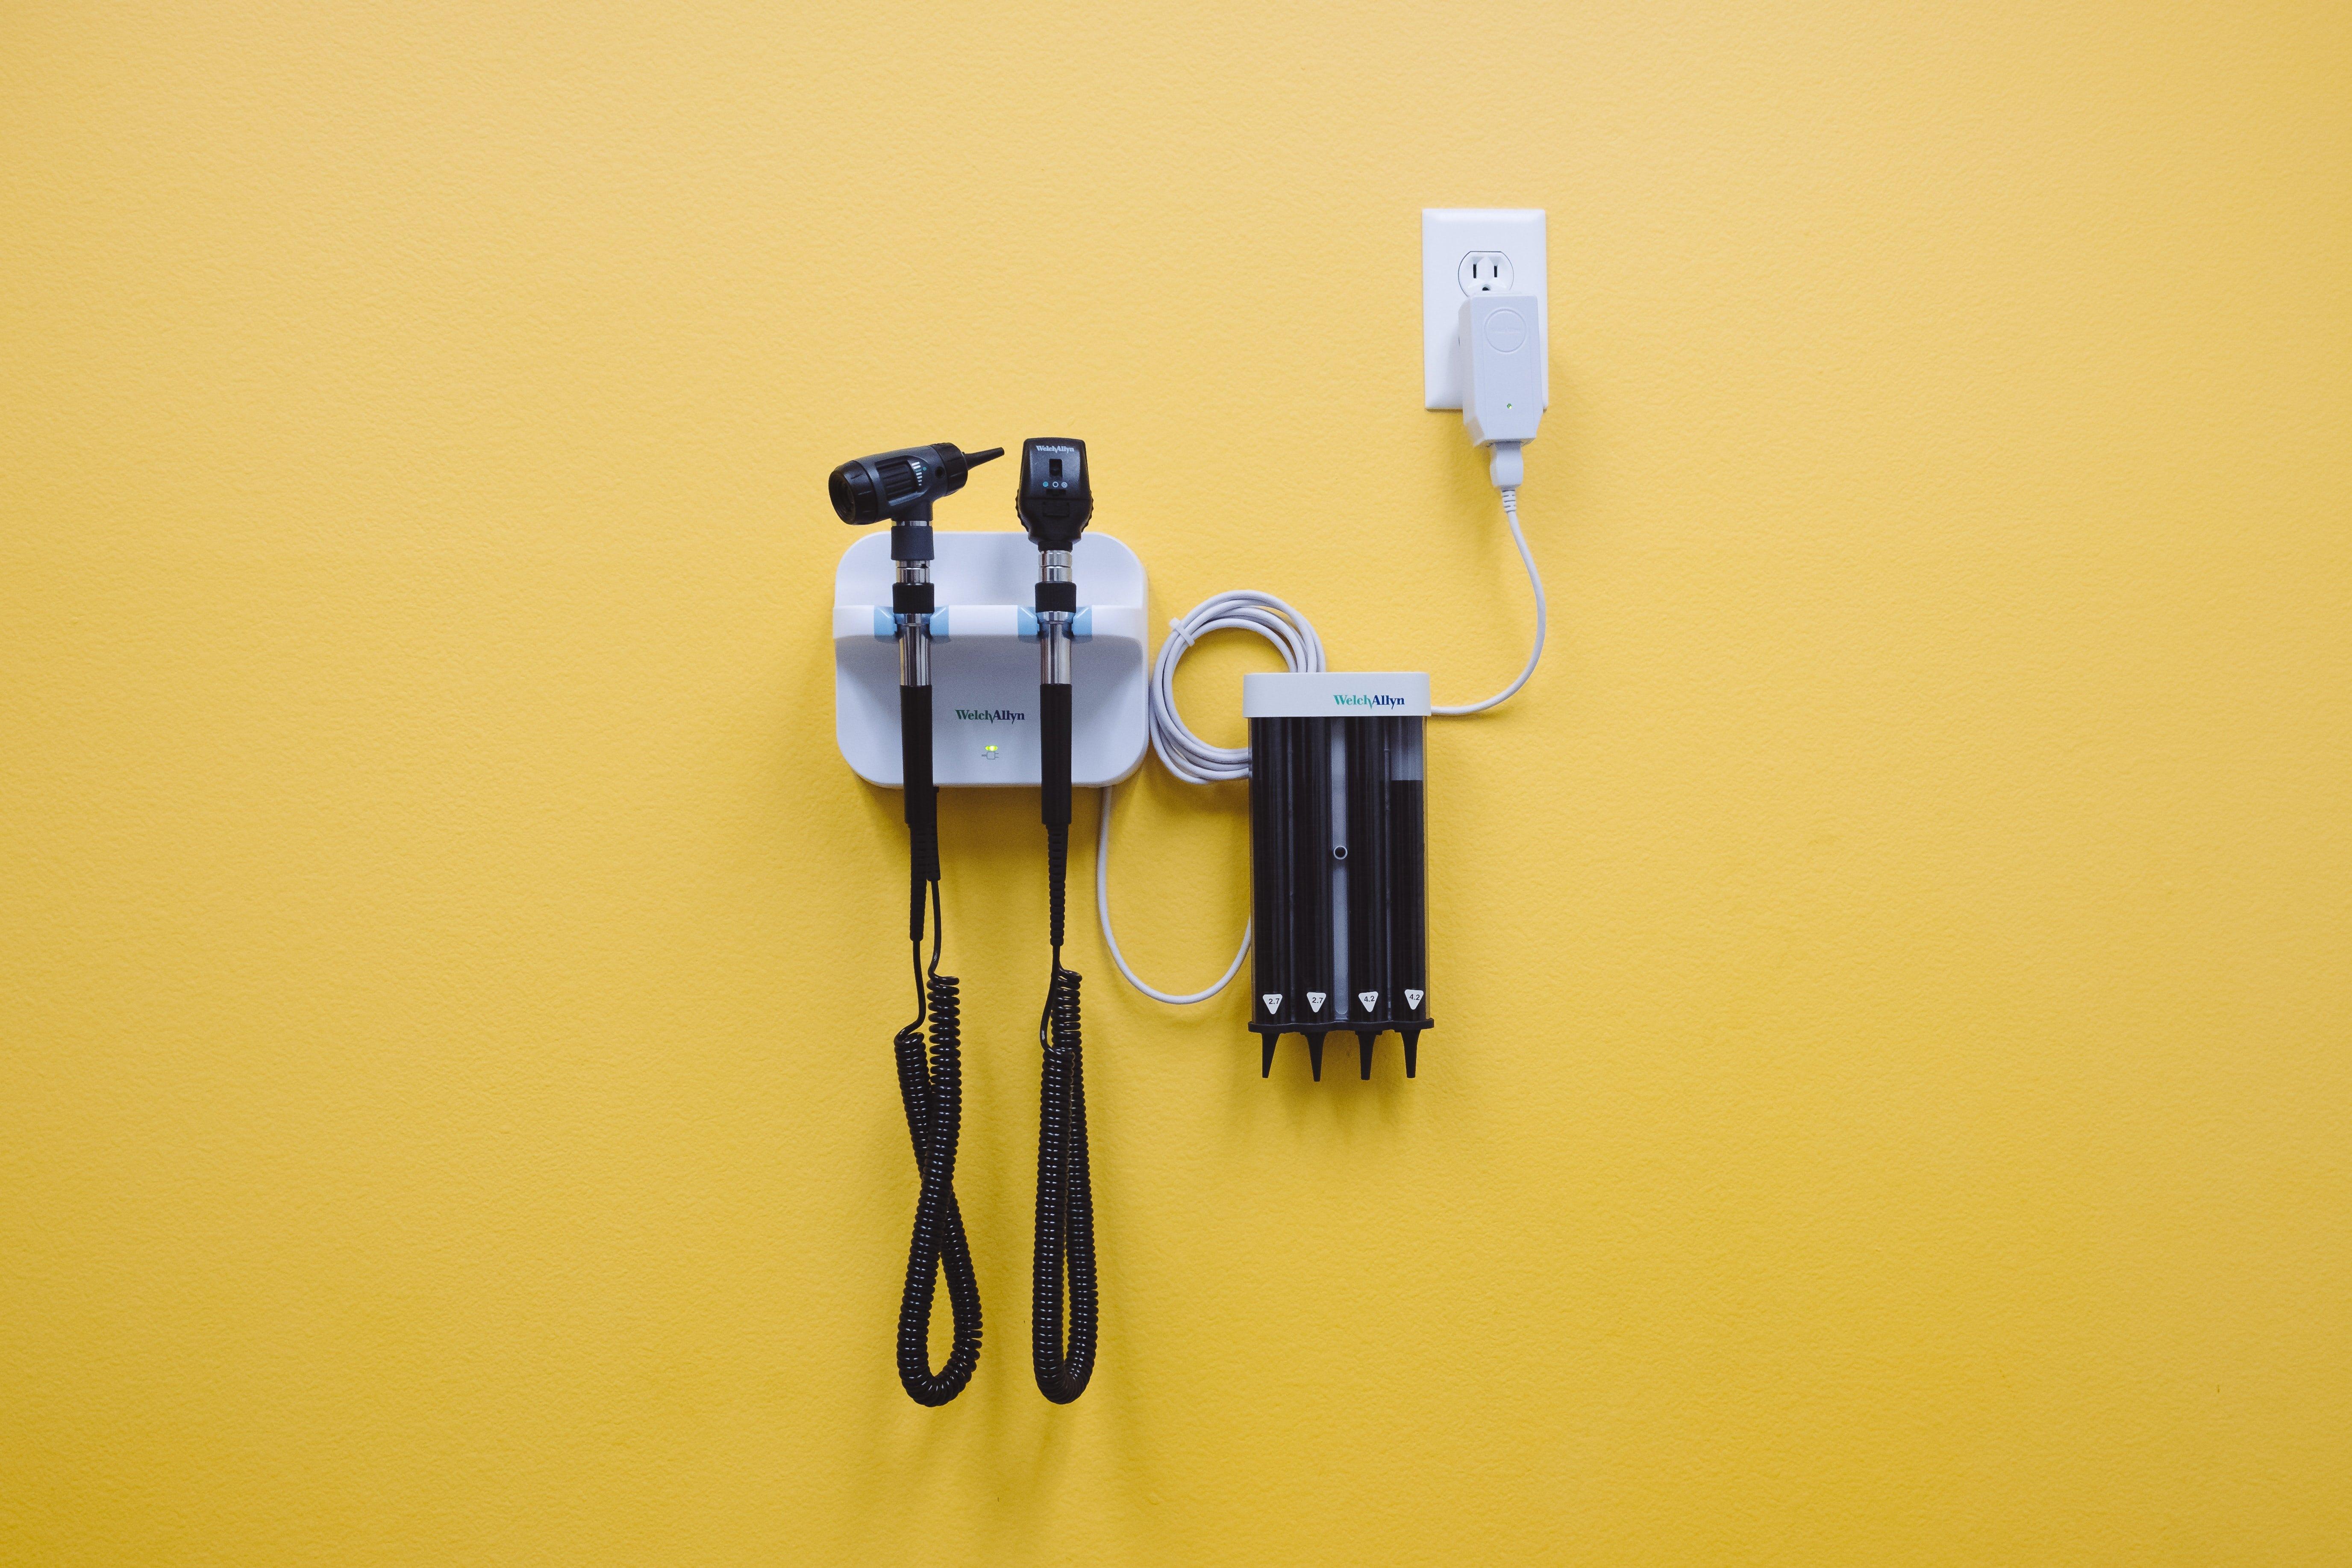 Proveedor fuera del horario de atención o sala de emergencias: ¿cómo decidir?